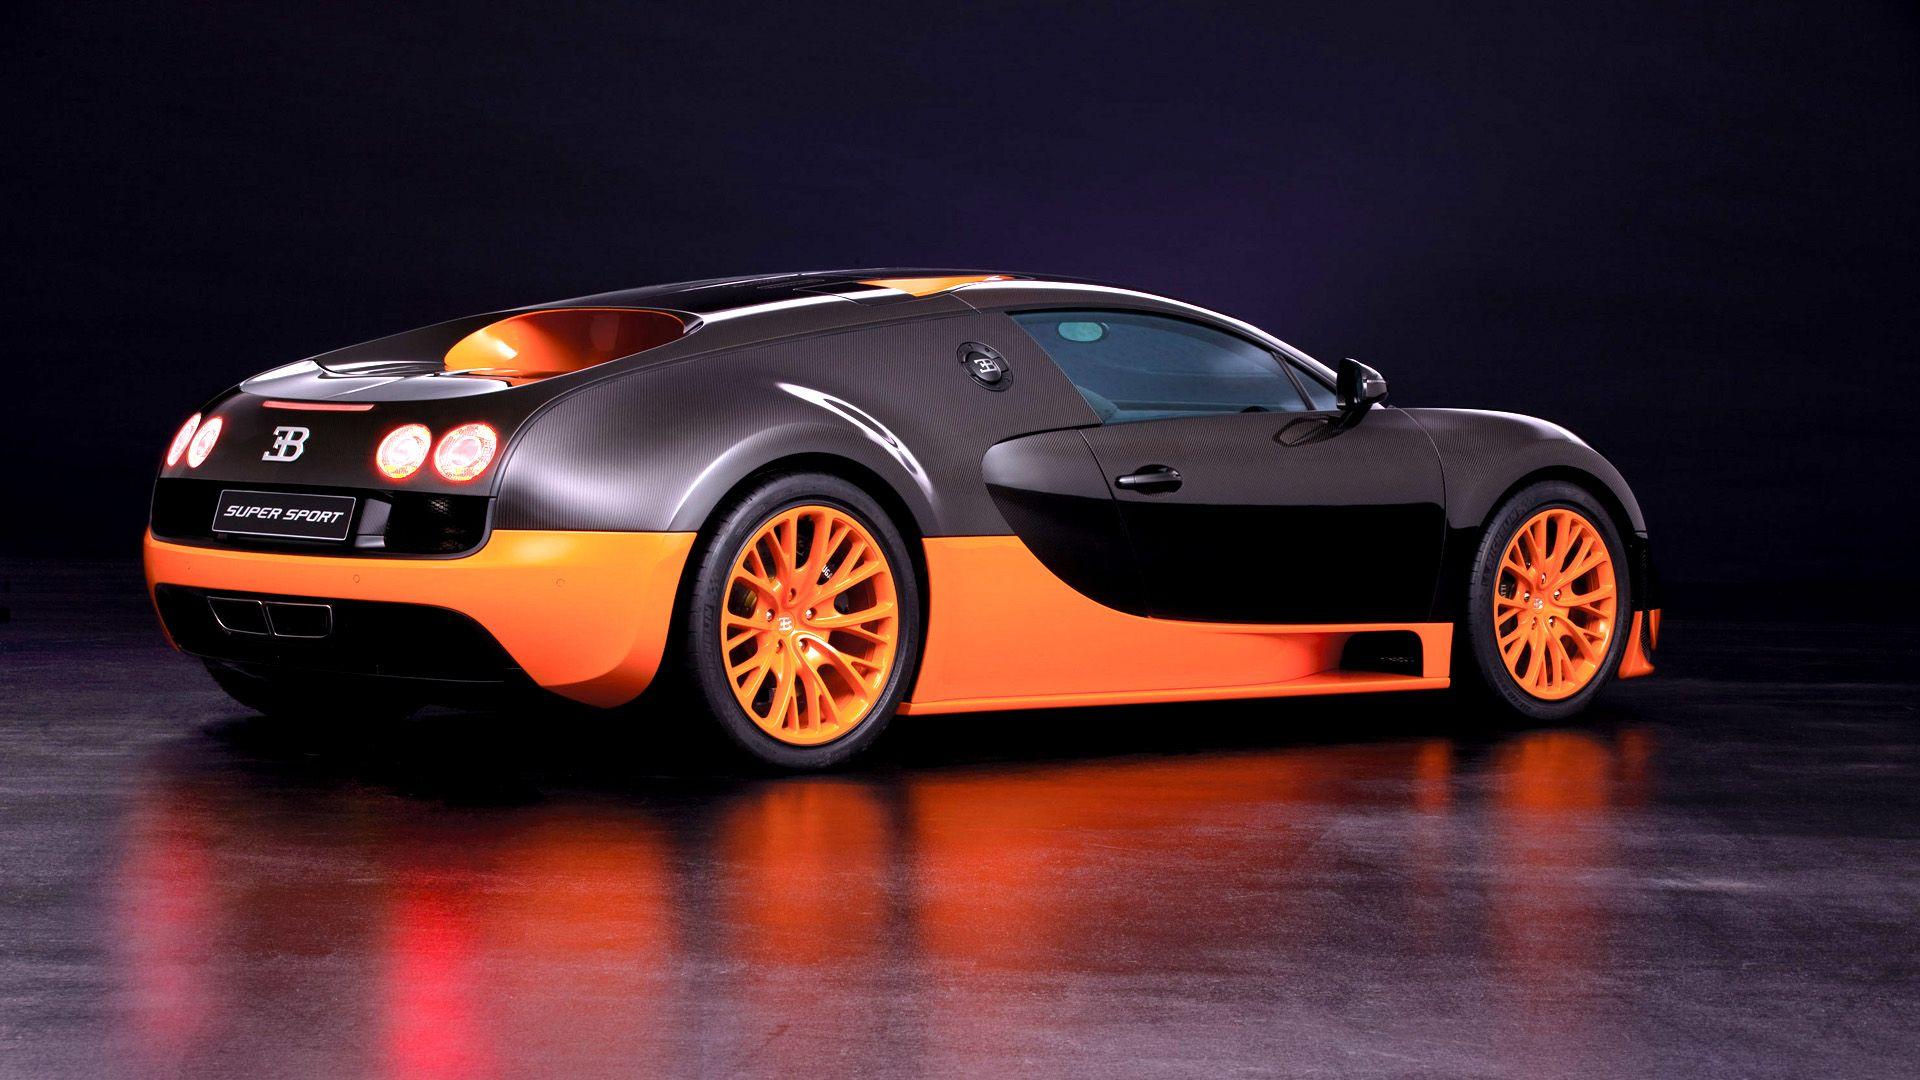 Bugatti Super Sport >> 2010 Bugatti Veyron Super Sport Fast Cars Super Sport